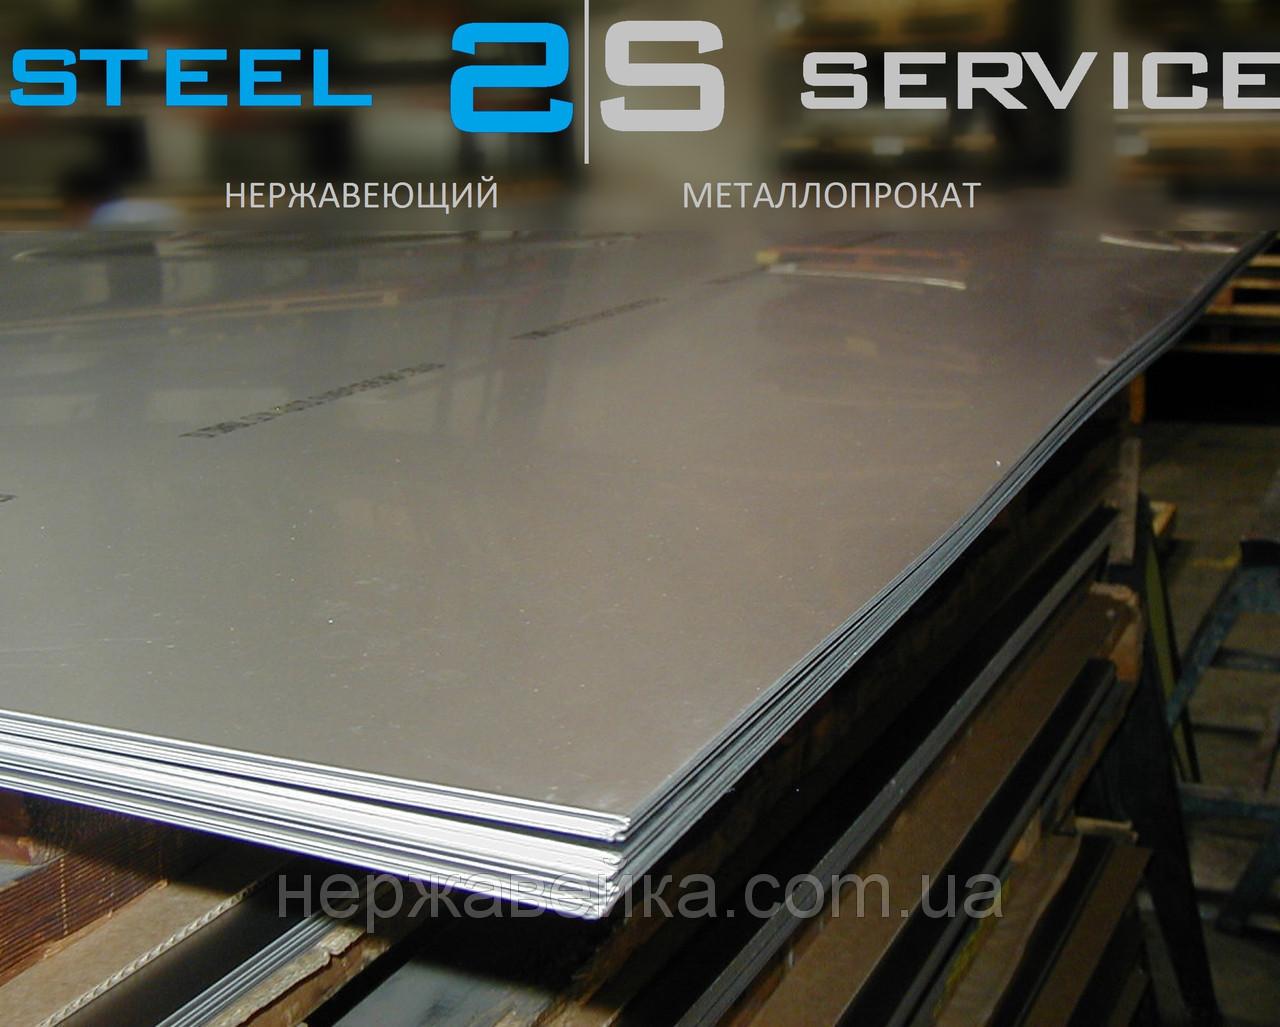 Нержавейка лист 0,8х1000х2000мм  AISI 316L(03Х17Н14М3) BA - зеркало,  кислотостойкий